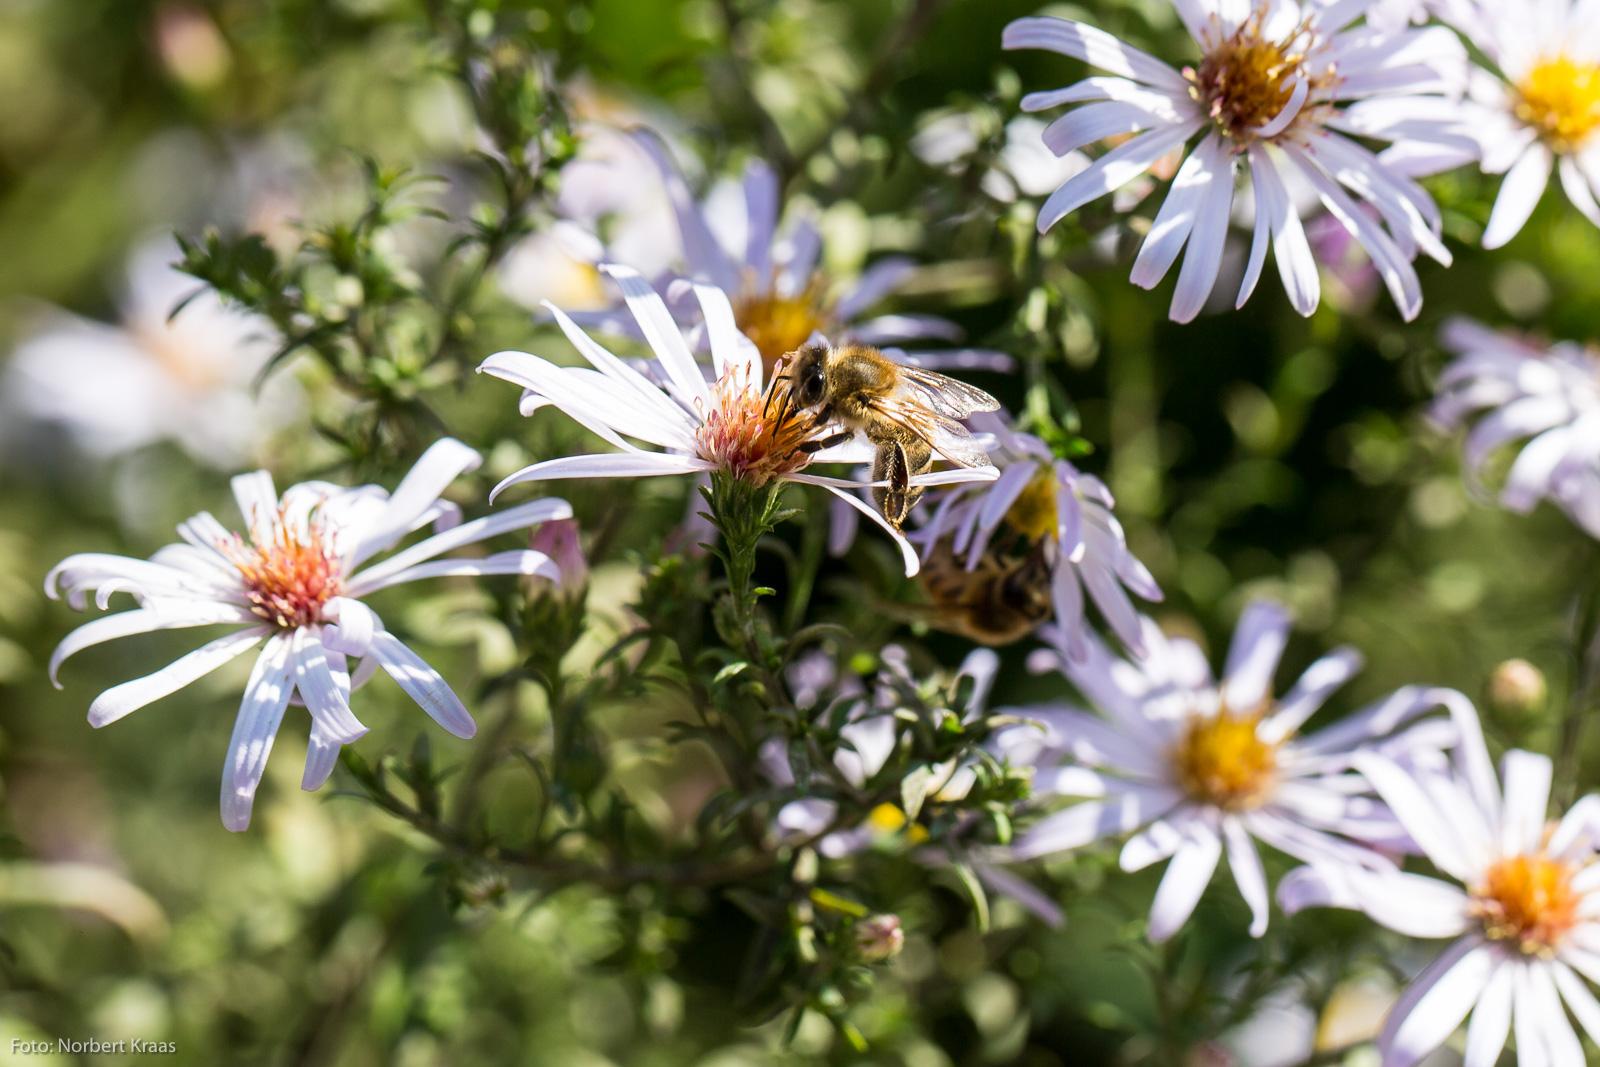 Insektenweide I: Herbstastern (Asteraceae) in voller Blüte